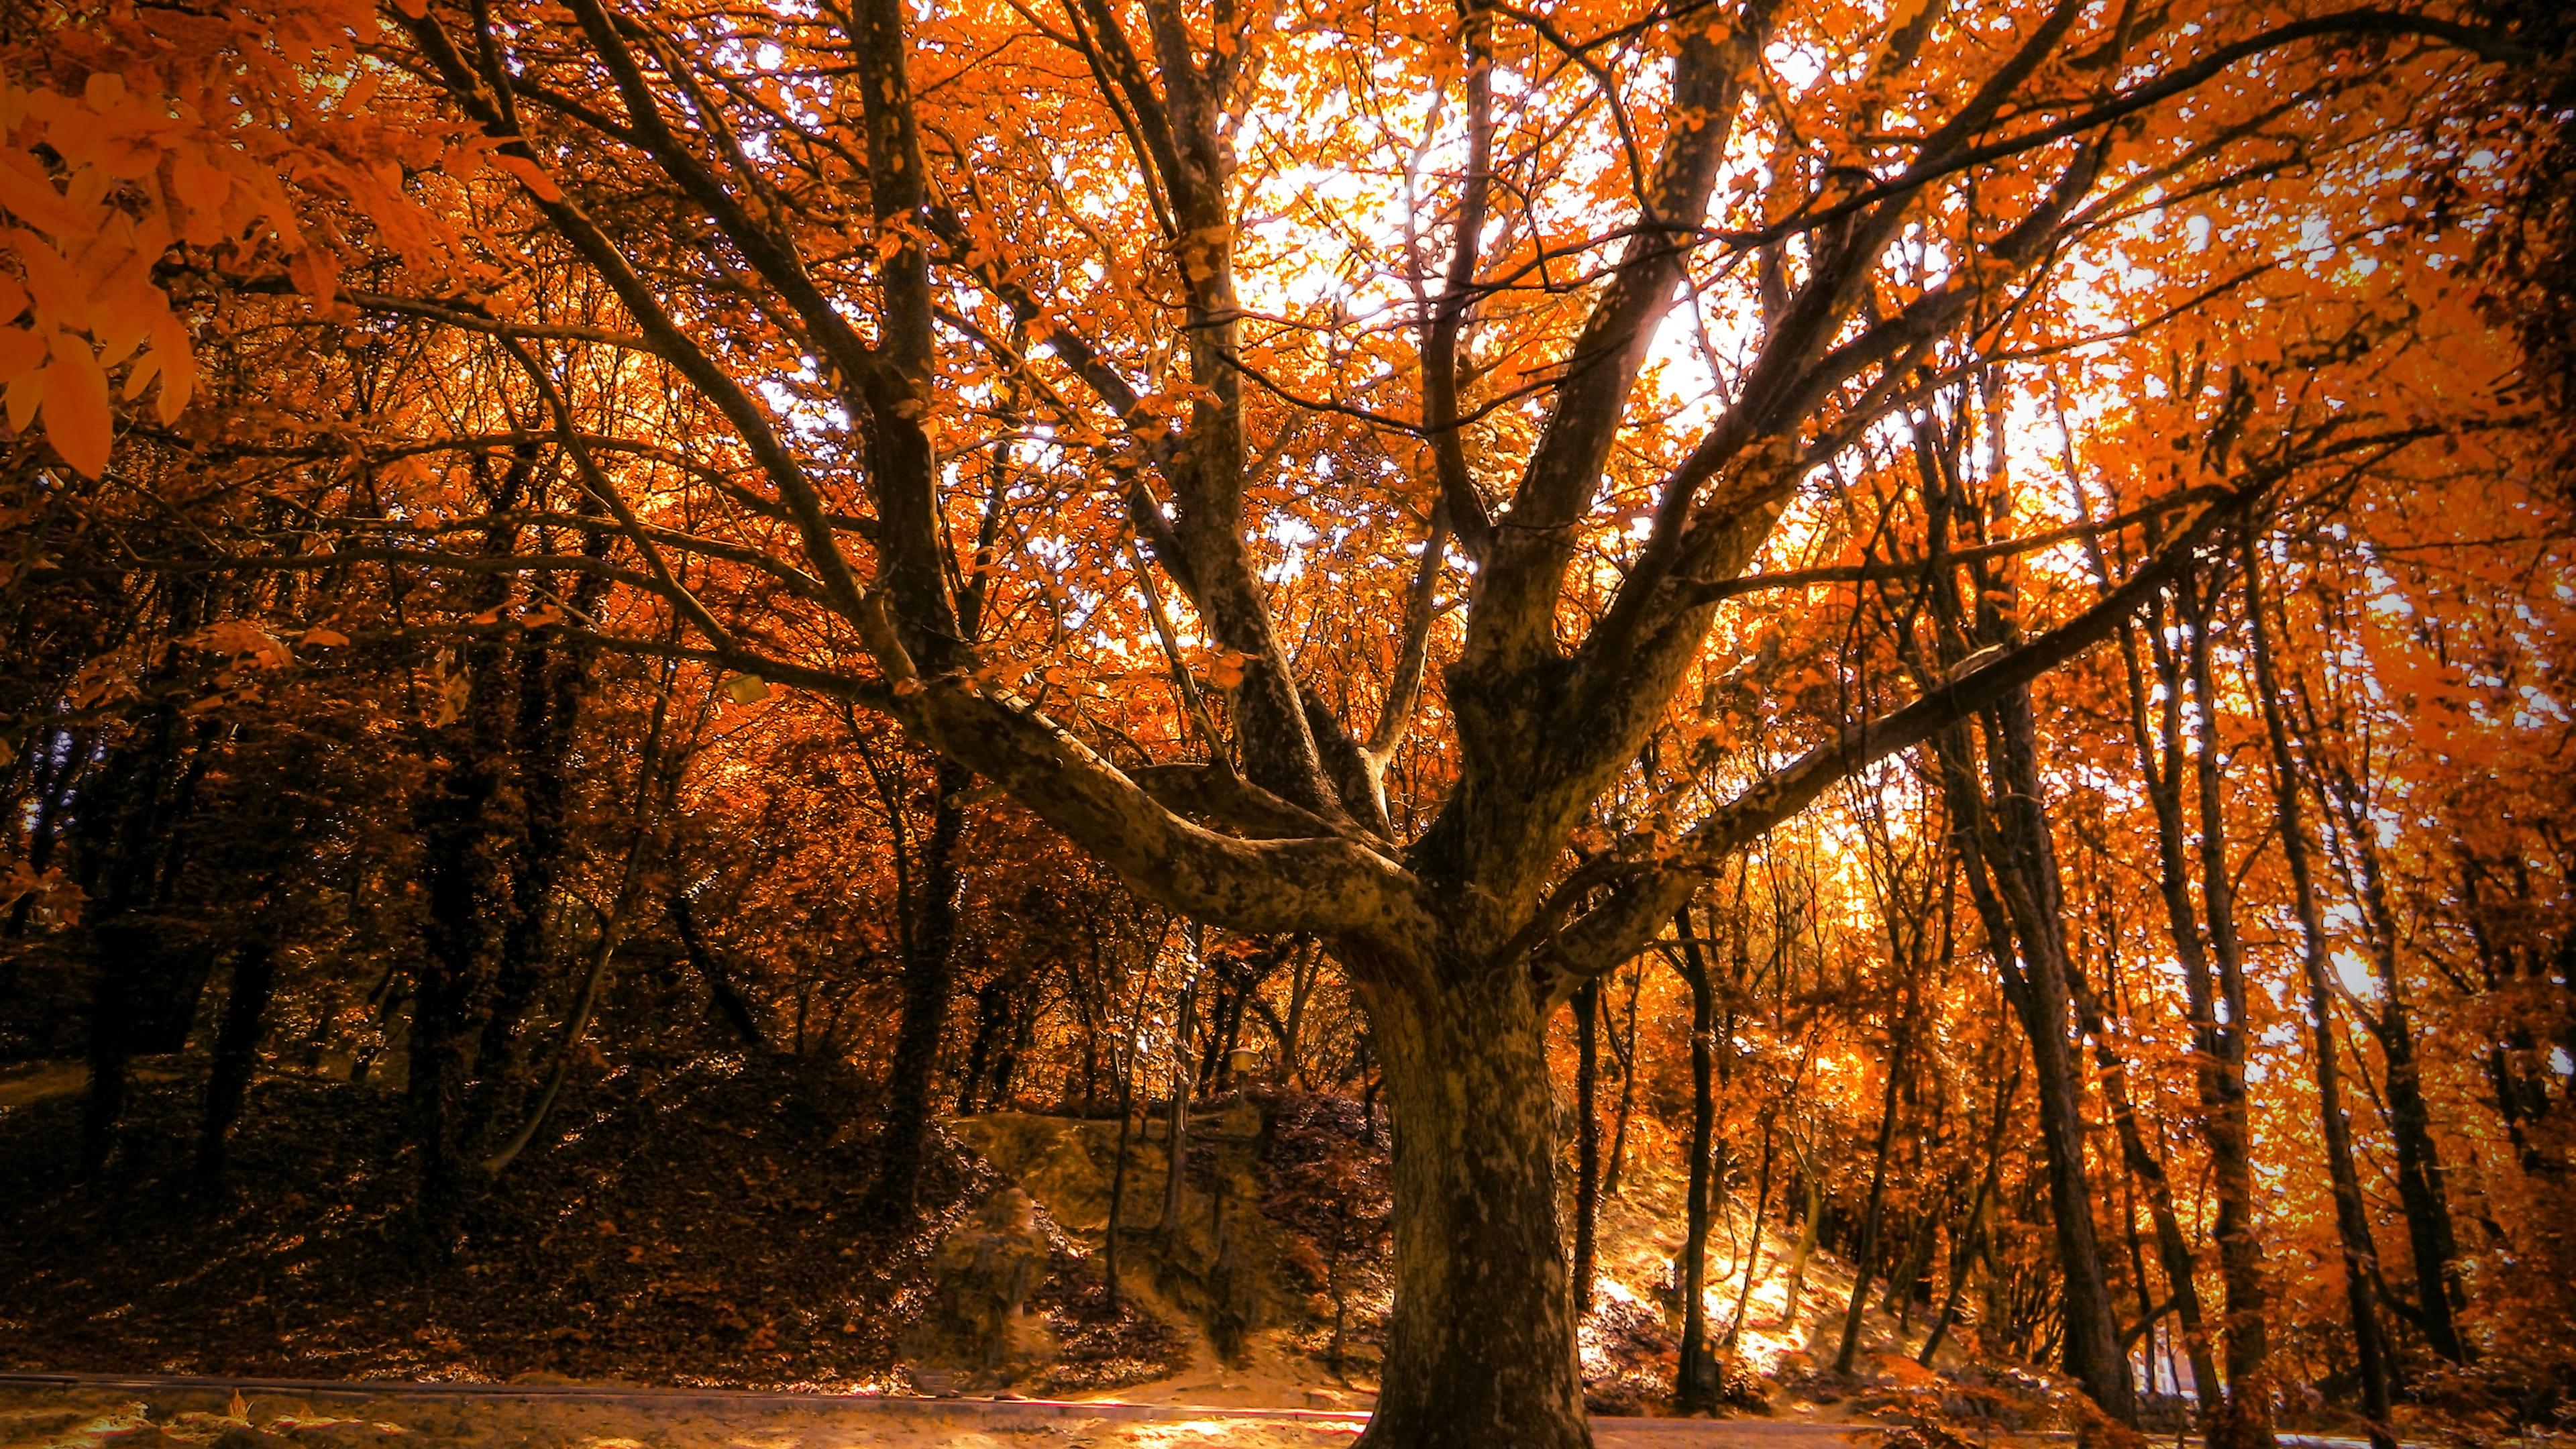 autumn tree 4k 1540142950 - Autumn Tree 4k - tree wallpapers, nature wallpapers, hd-wallpapers, autumn wallpapers, 4k-wallpapers